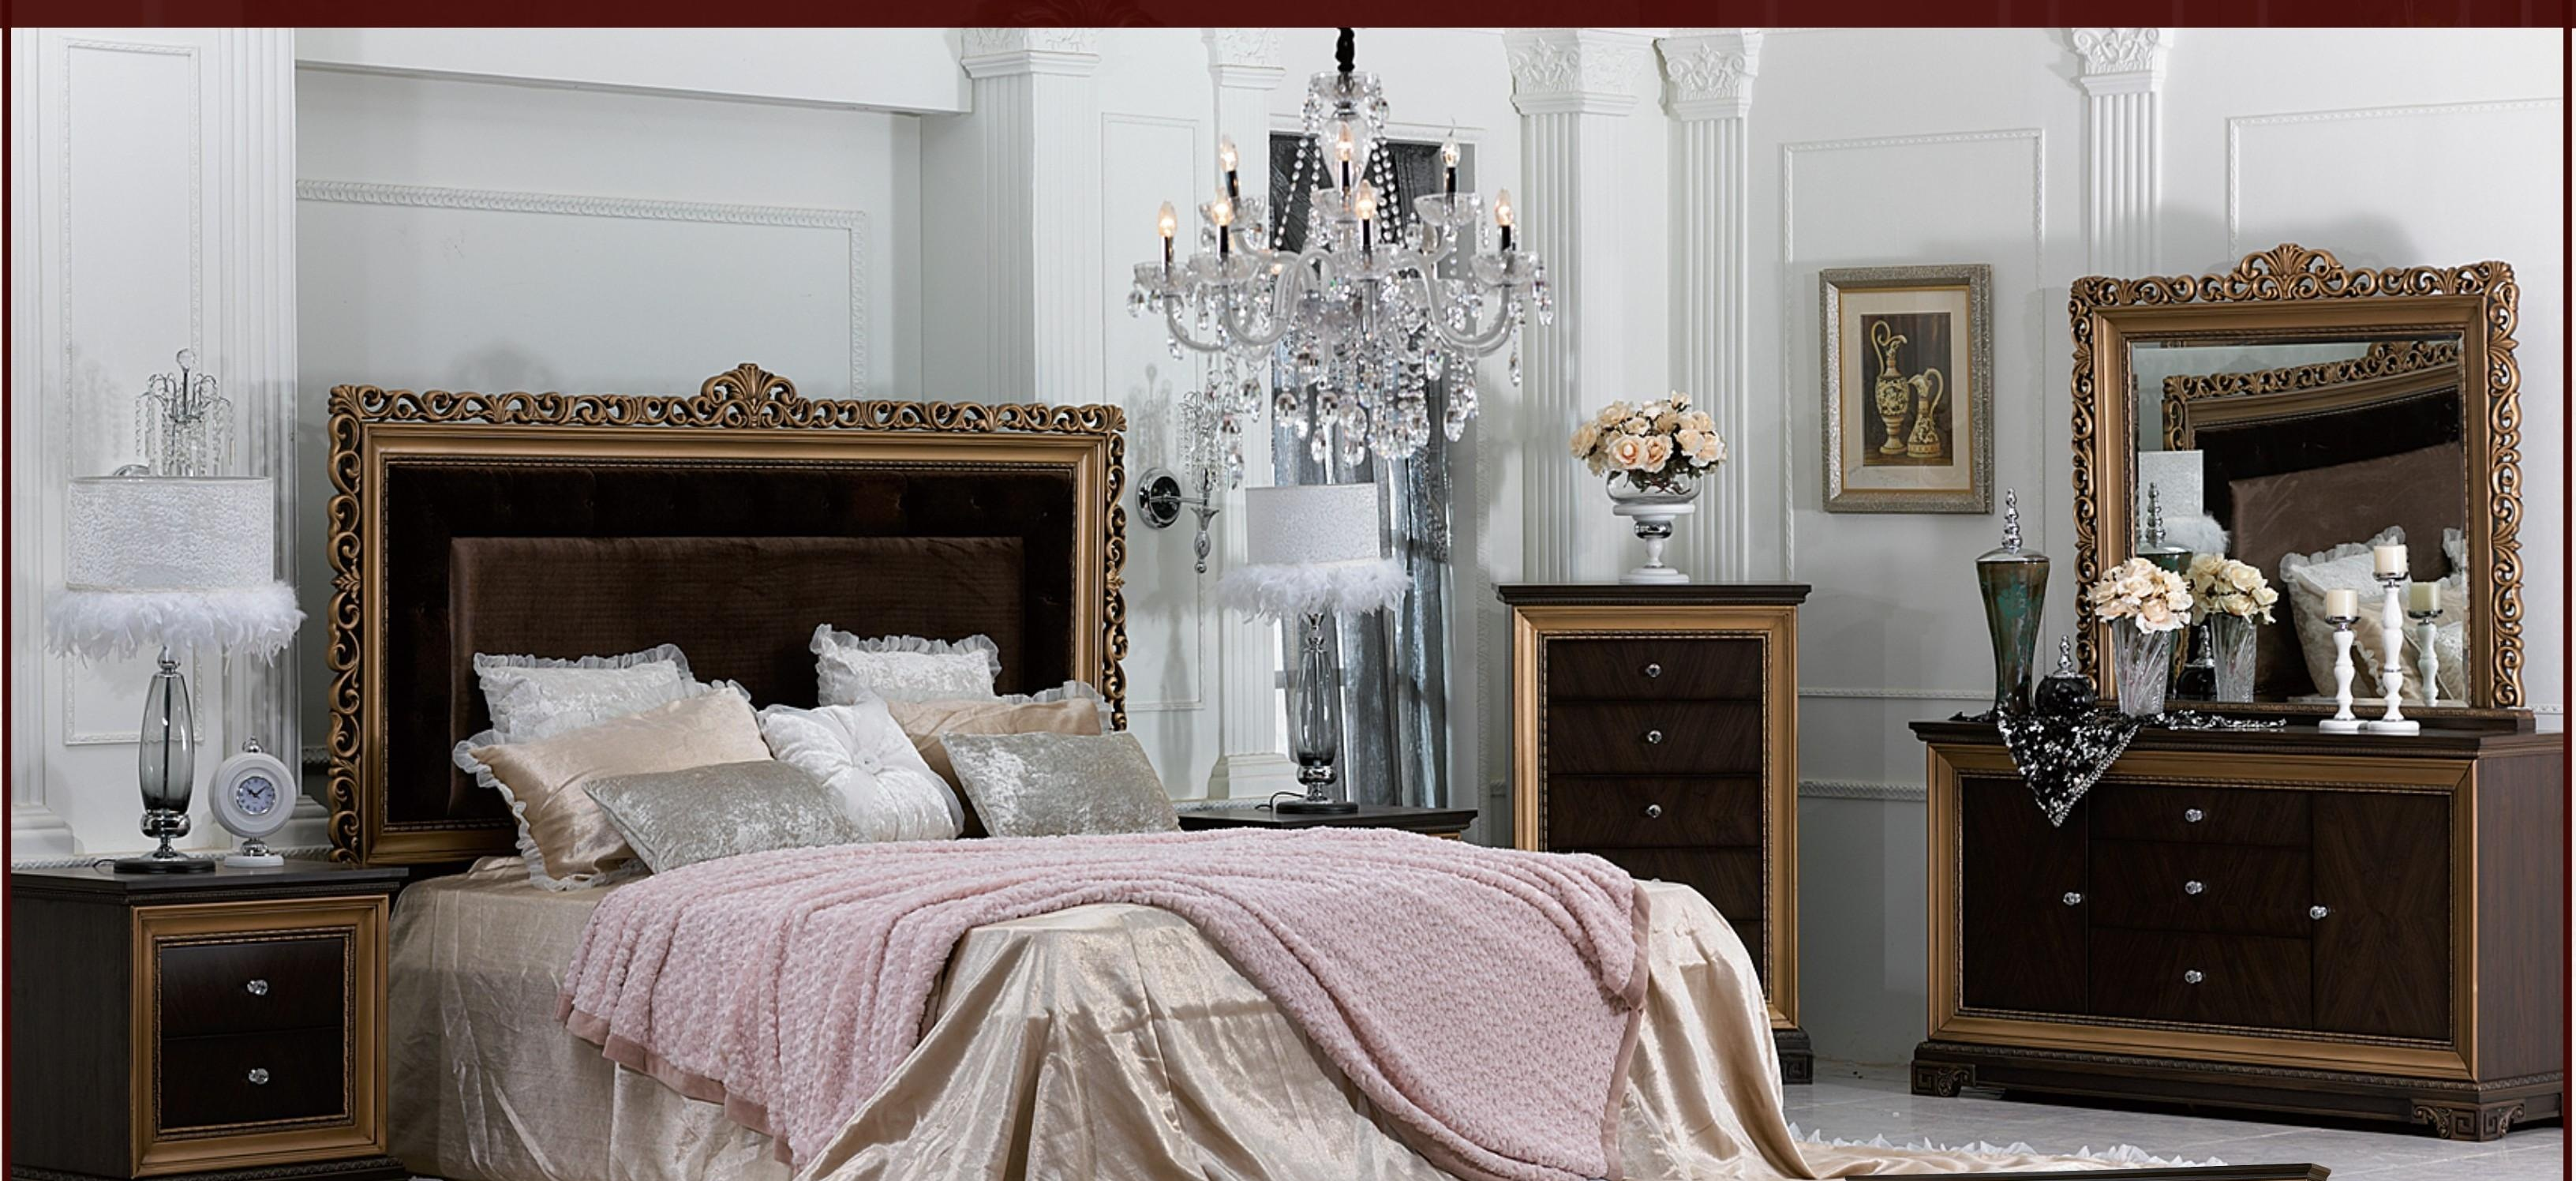 تزيين غرف نوم القفاري الممتازة | المرسال